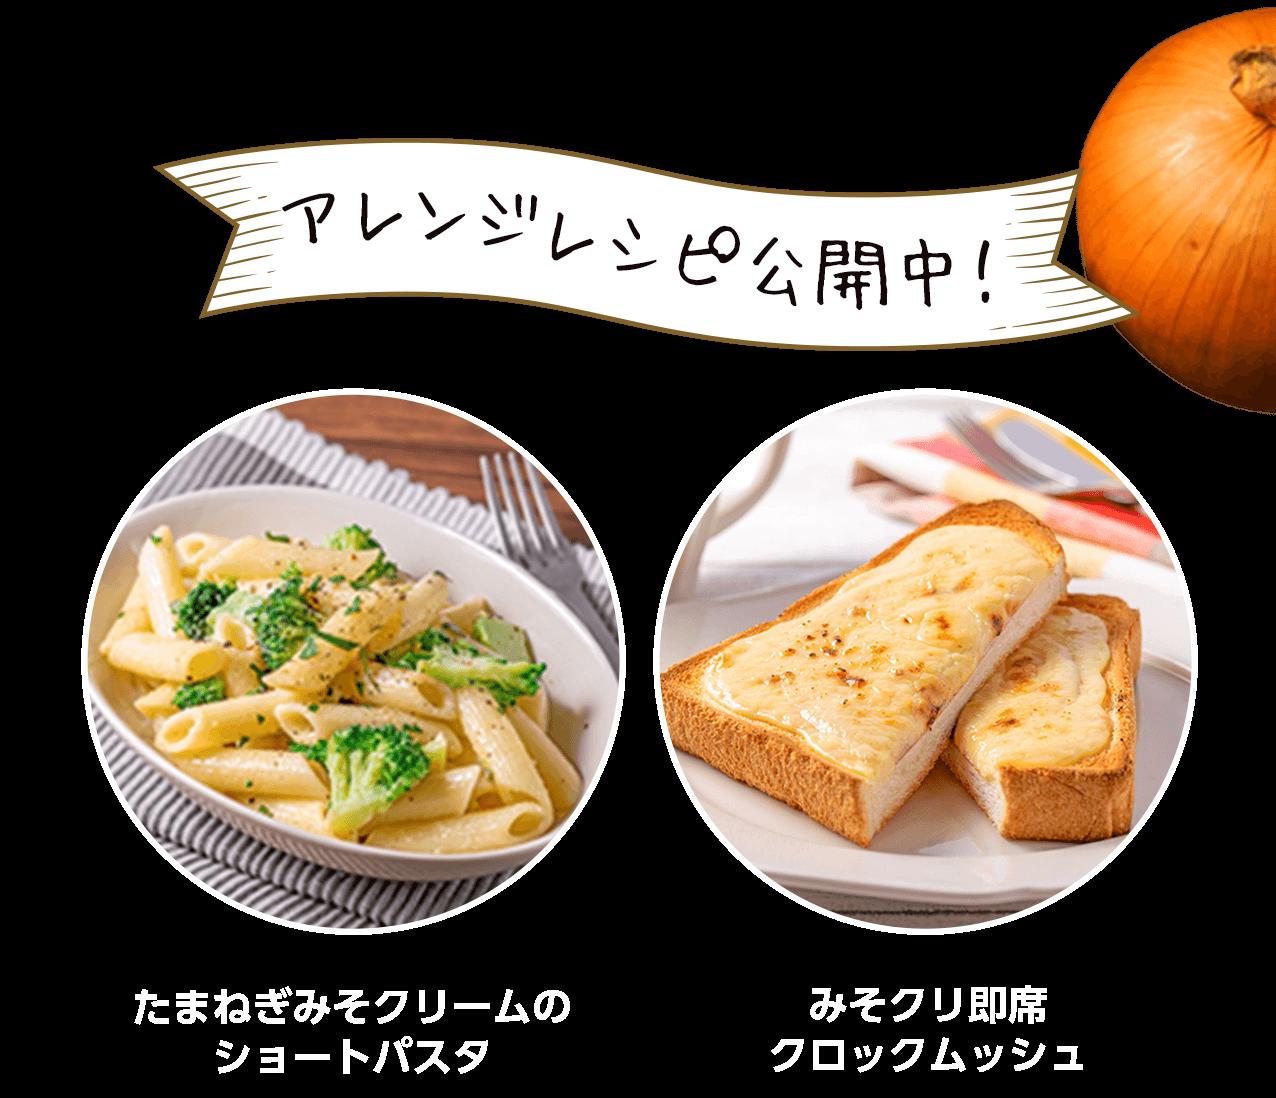 アレンジレシピ公開中!